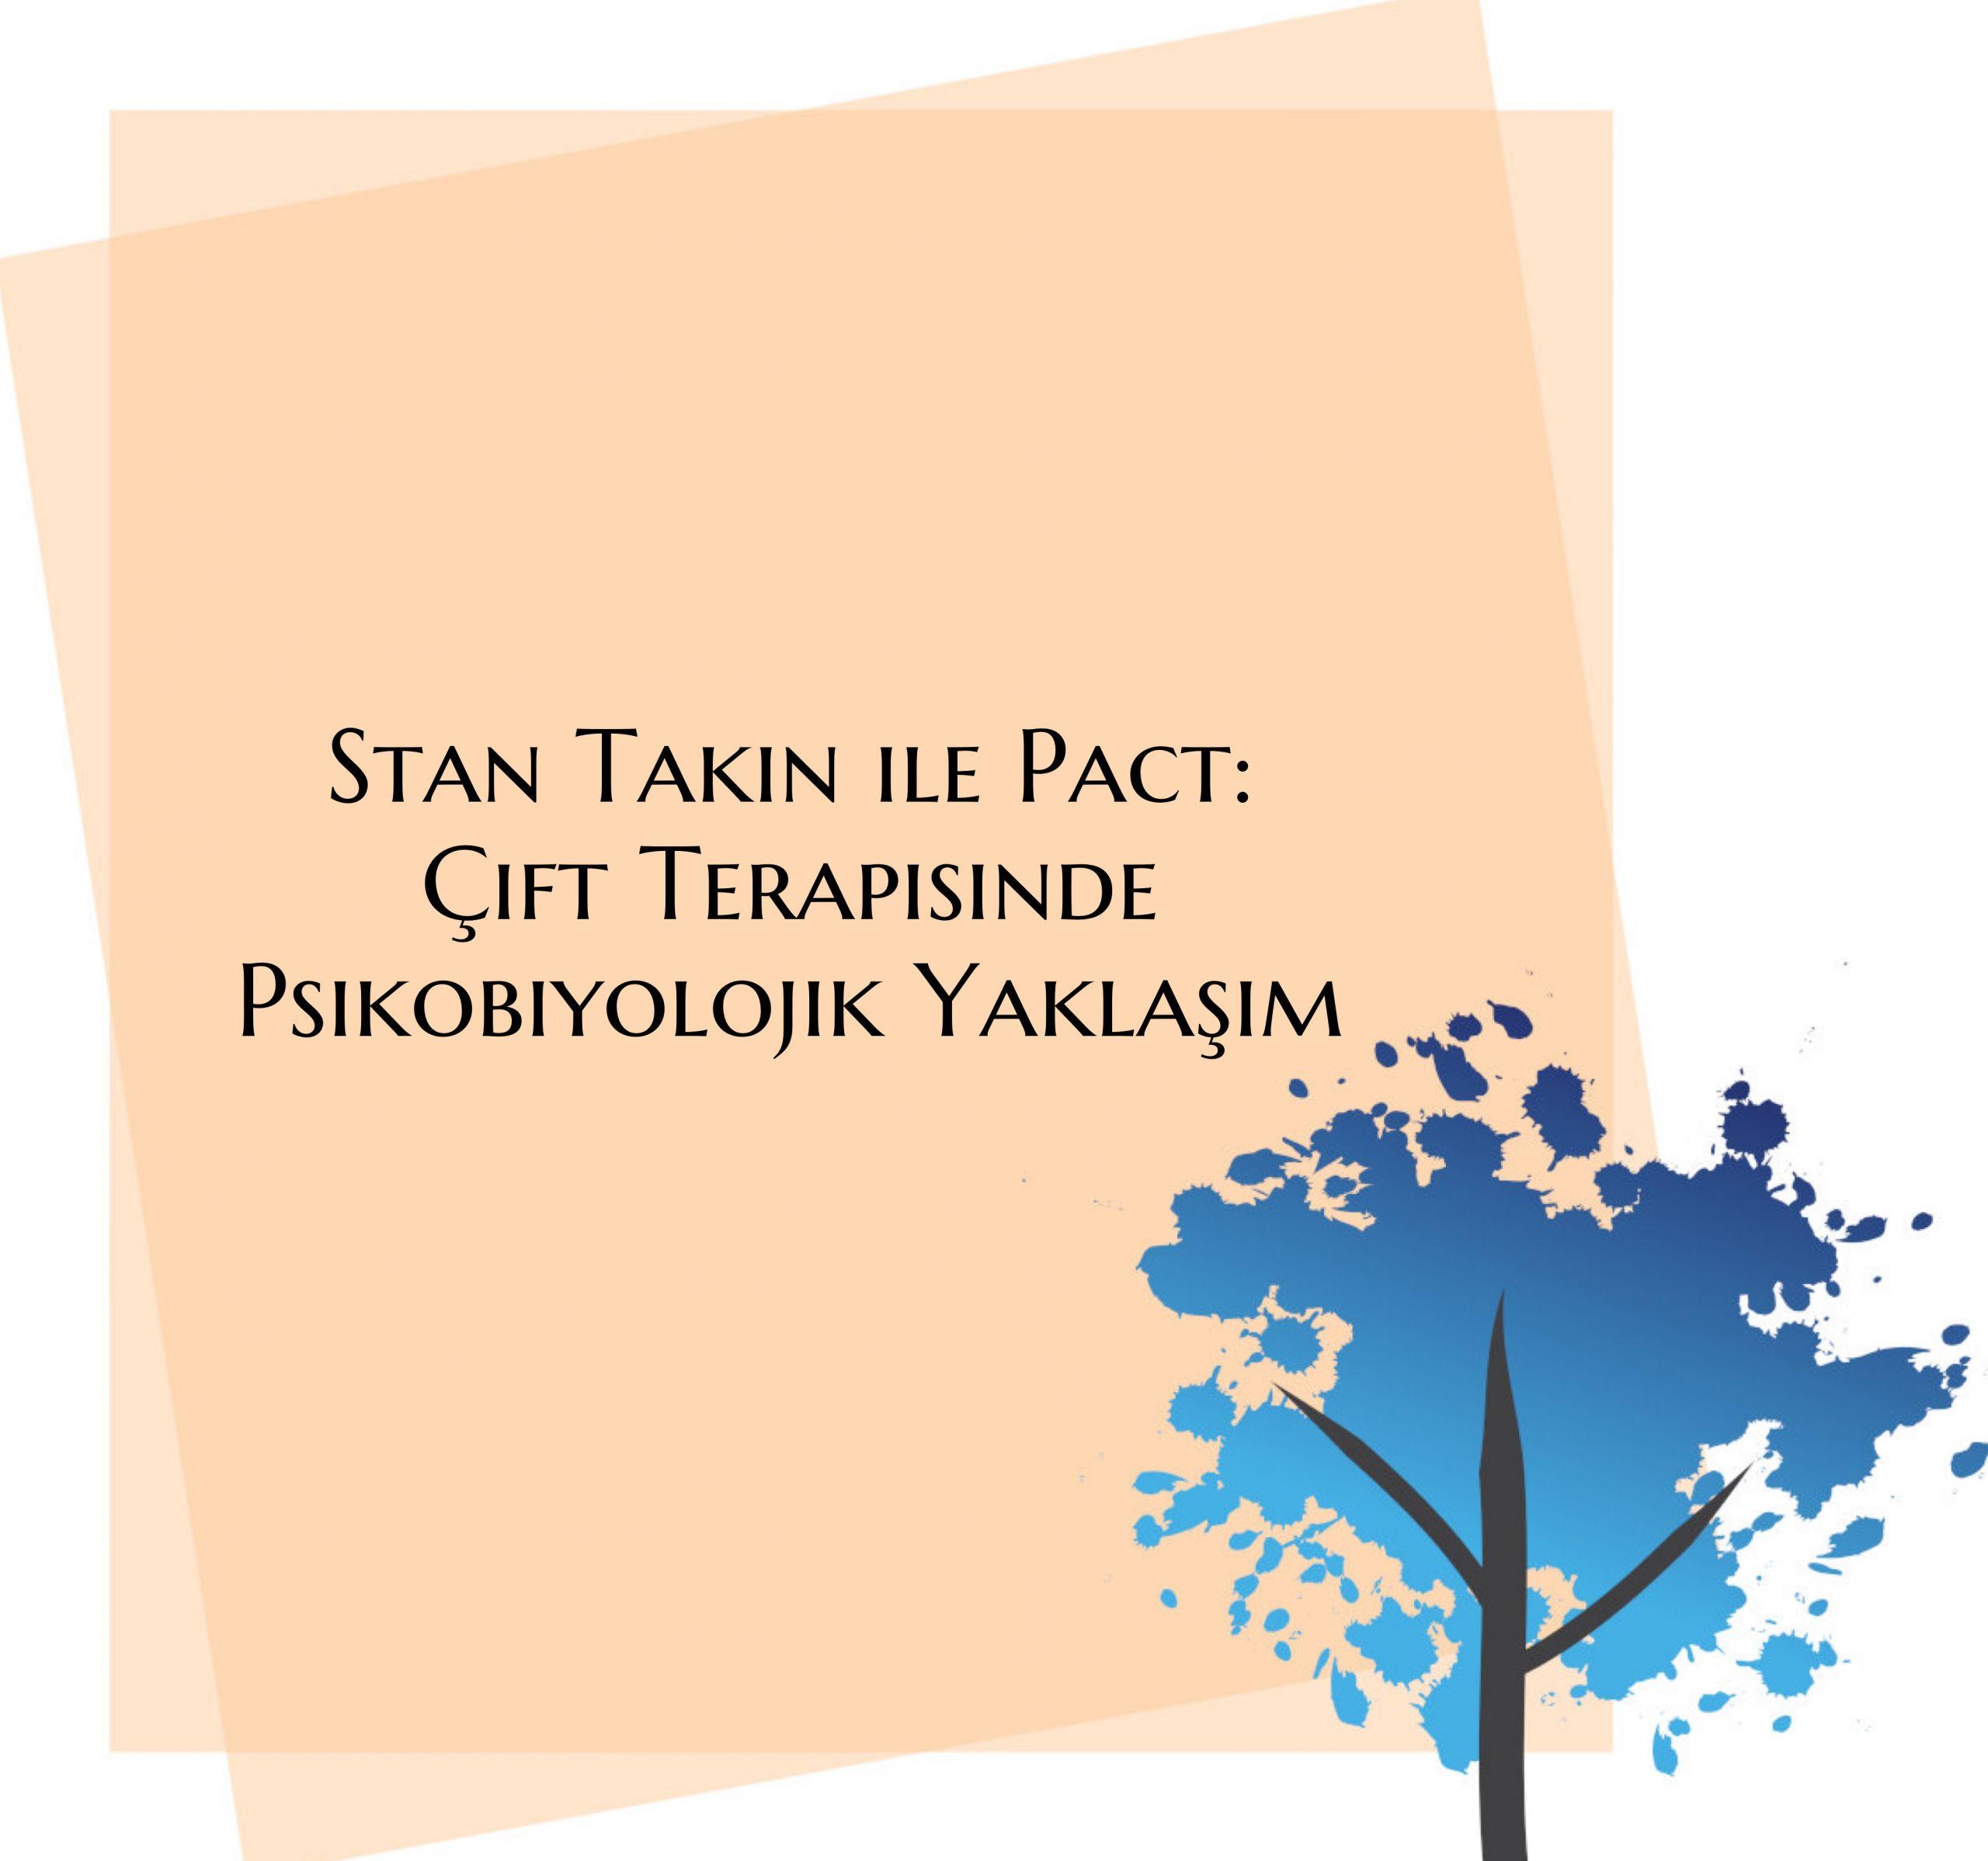 Stan Tatkin ile PACT